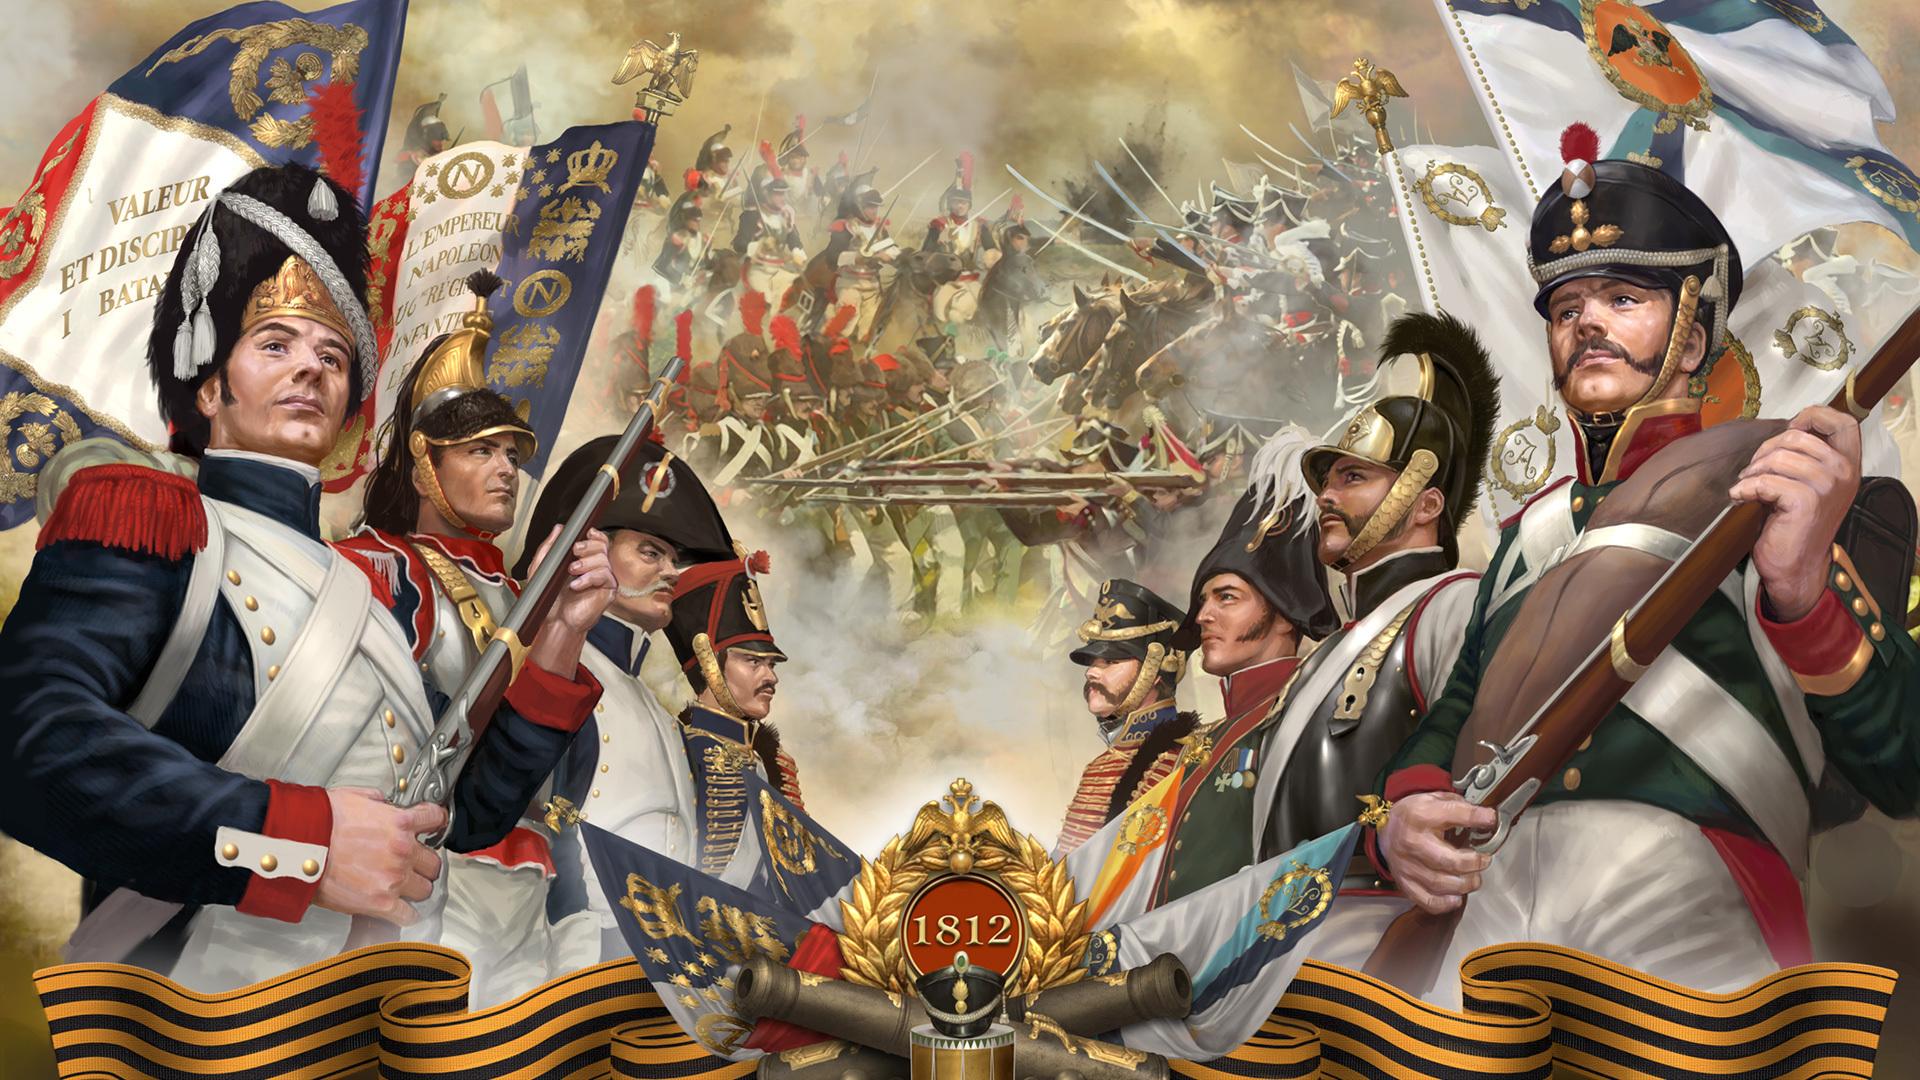 7 eventos históricos que os países veem de maneiras diferentes